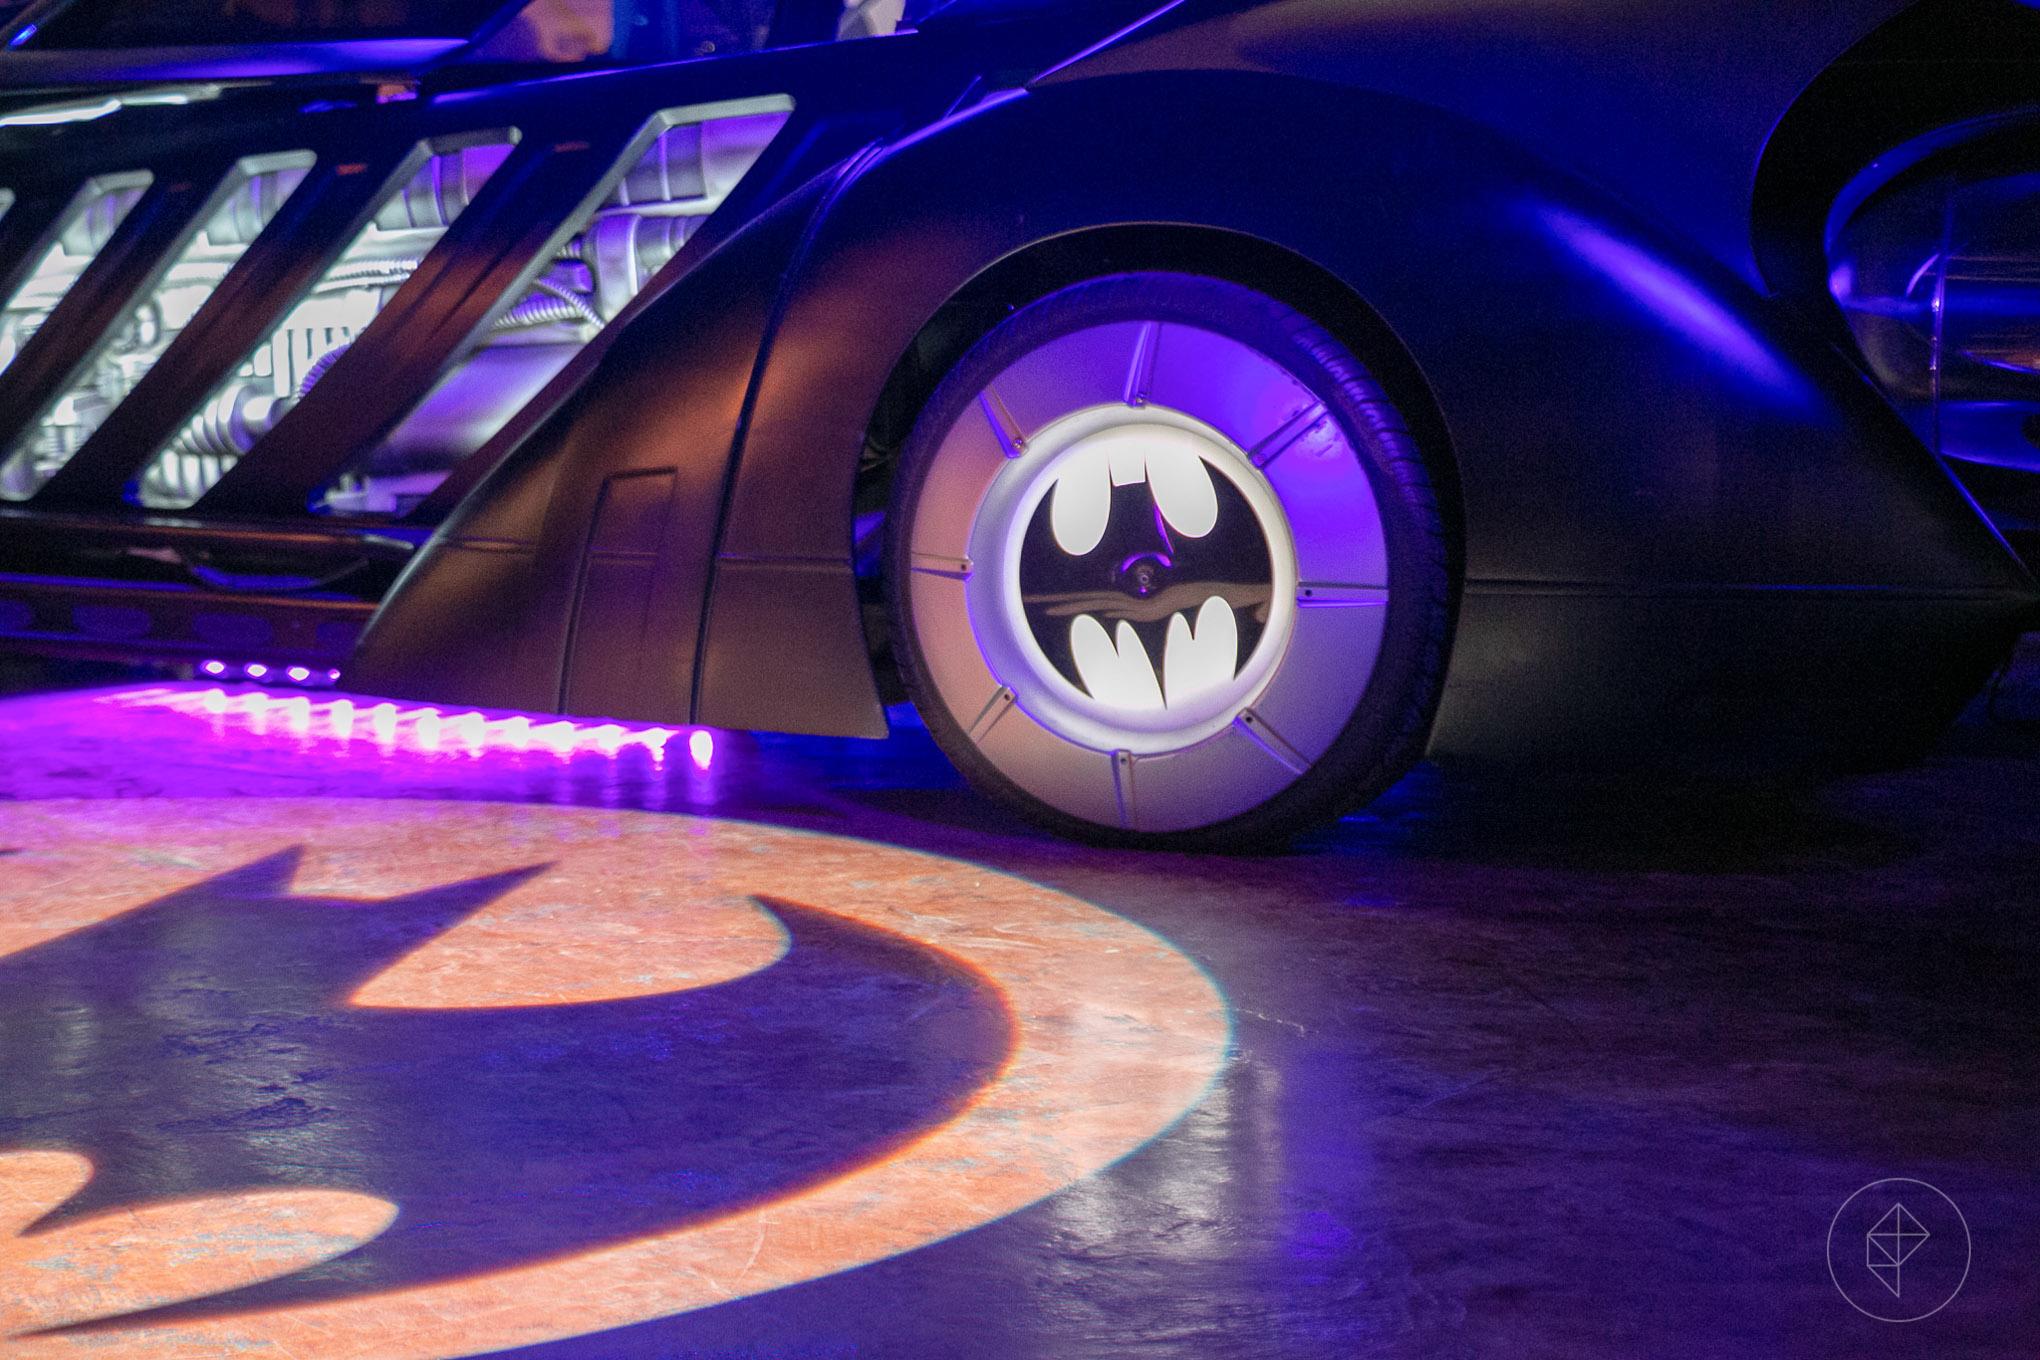 Tour the Comic-Con Museum's prop-filled Batman exhibit in 35 photos